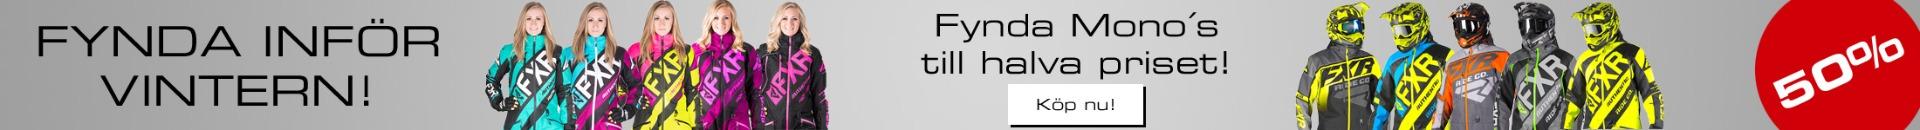 FXR Shoppen - Fynda inför vinter Halva priset på FXR skoterkläder